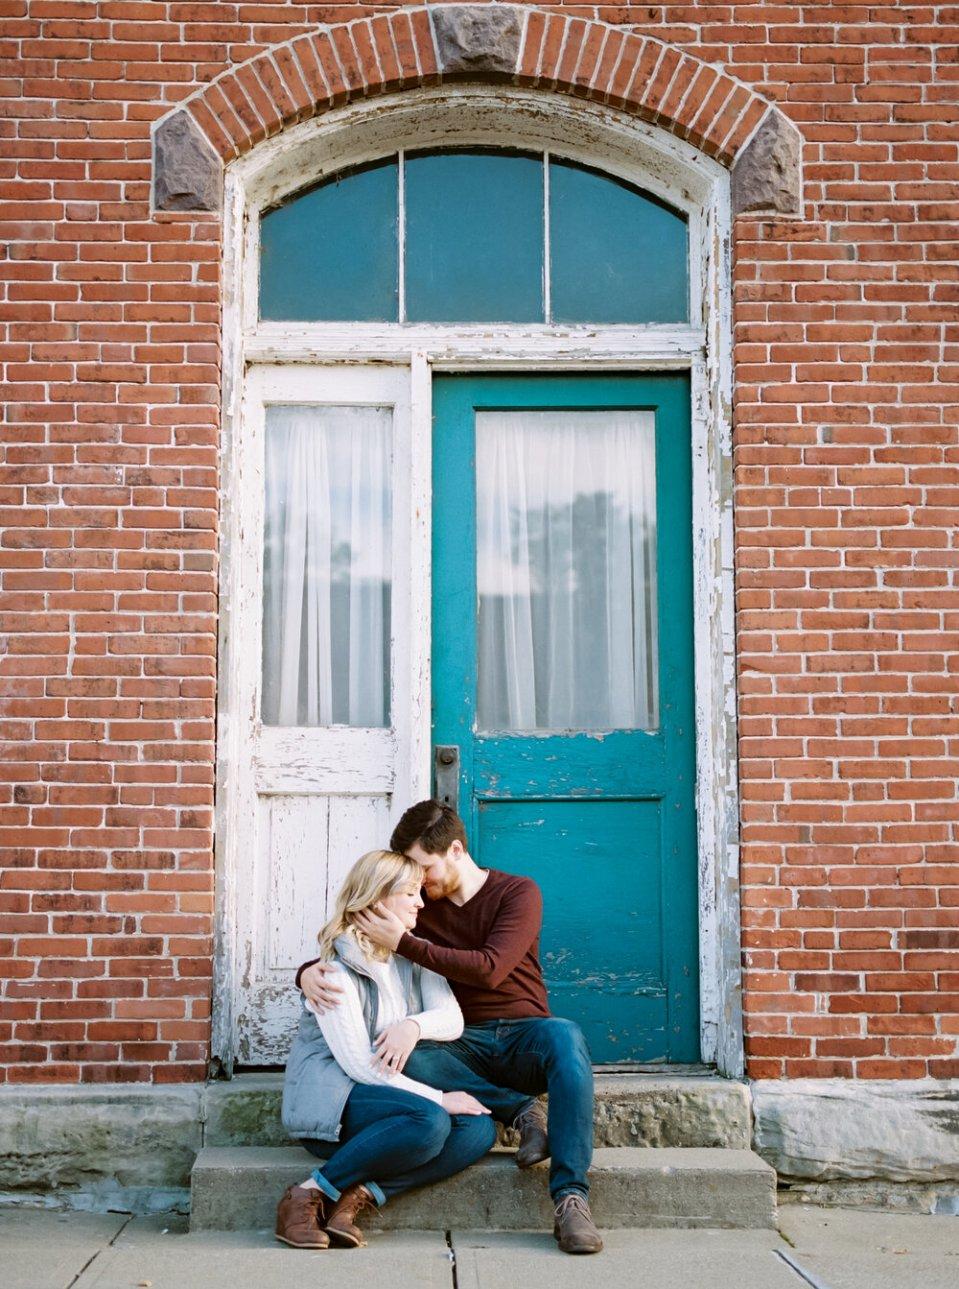 full-cleveland-fall-engagement-photos-ideas-by-matt-erickson-photography-22.JPG